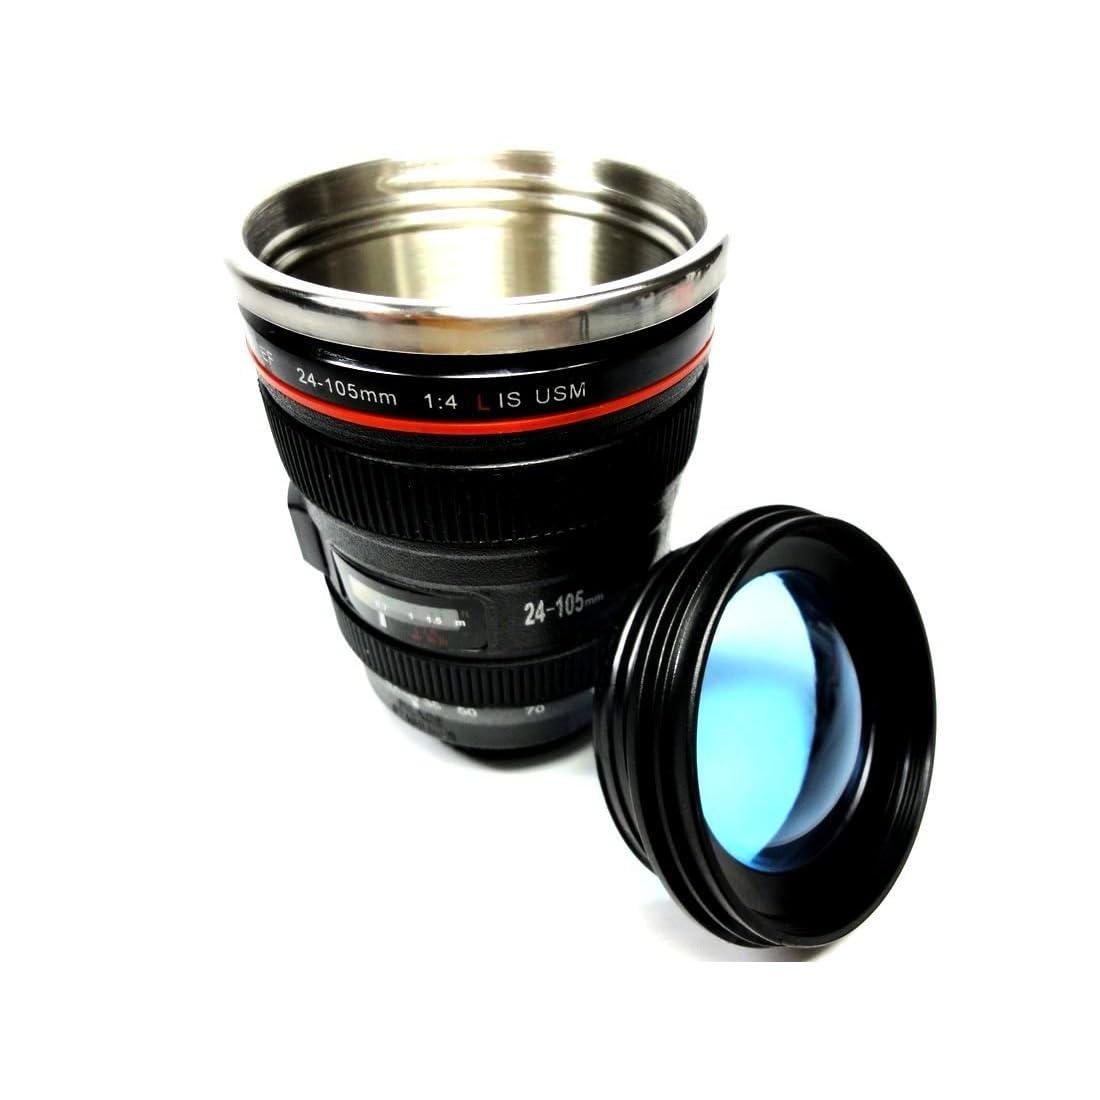 一眼レフカメラレンズ型マグカップ